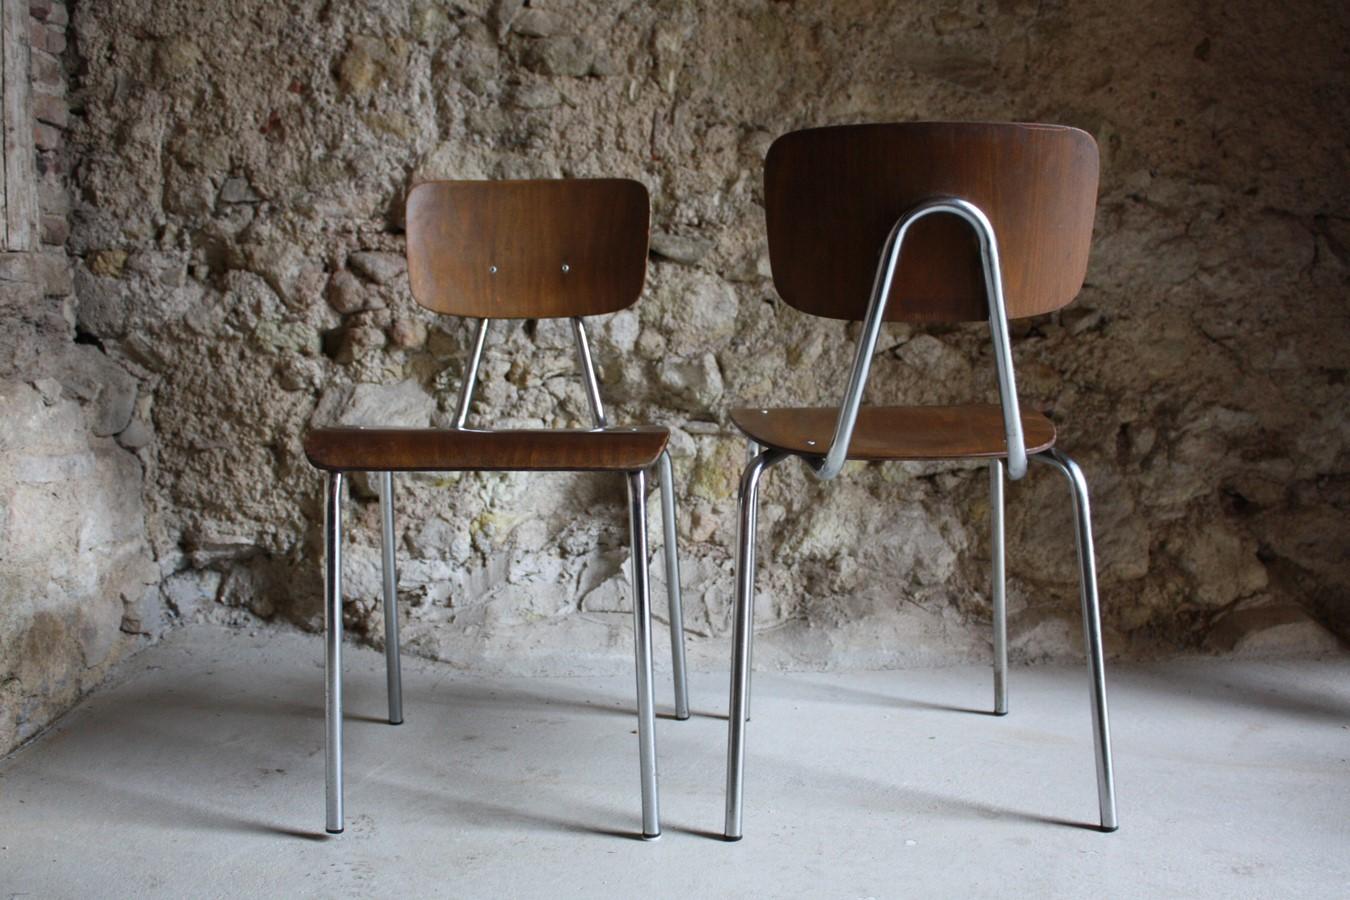 schul-stuhl-vintage-gebraucht-campus-loft-midcentury-4